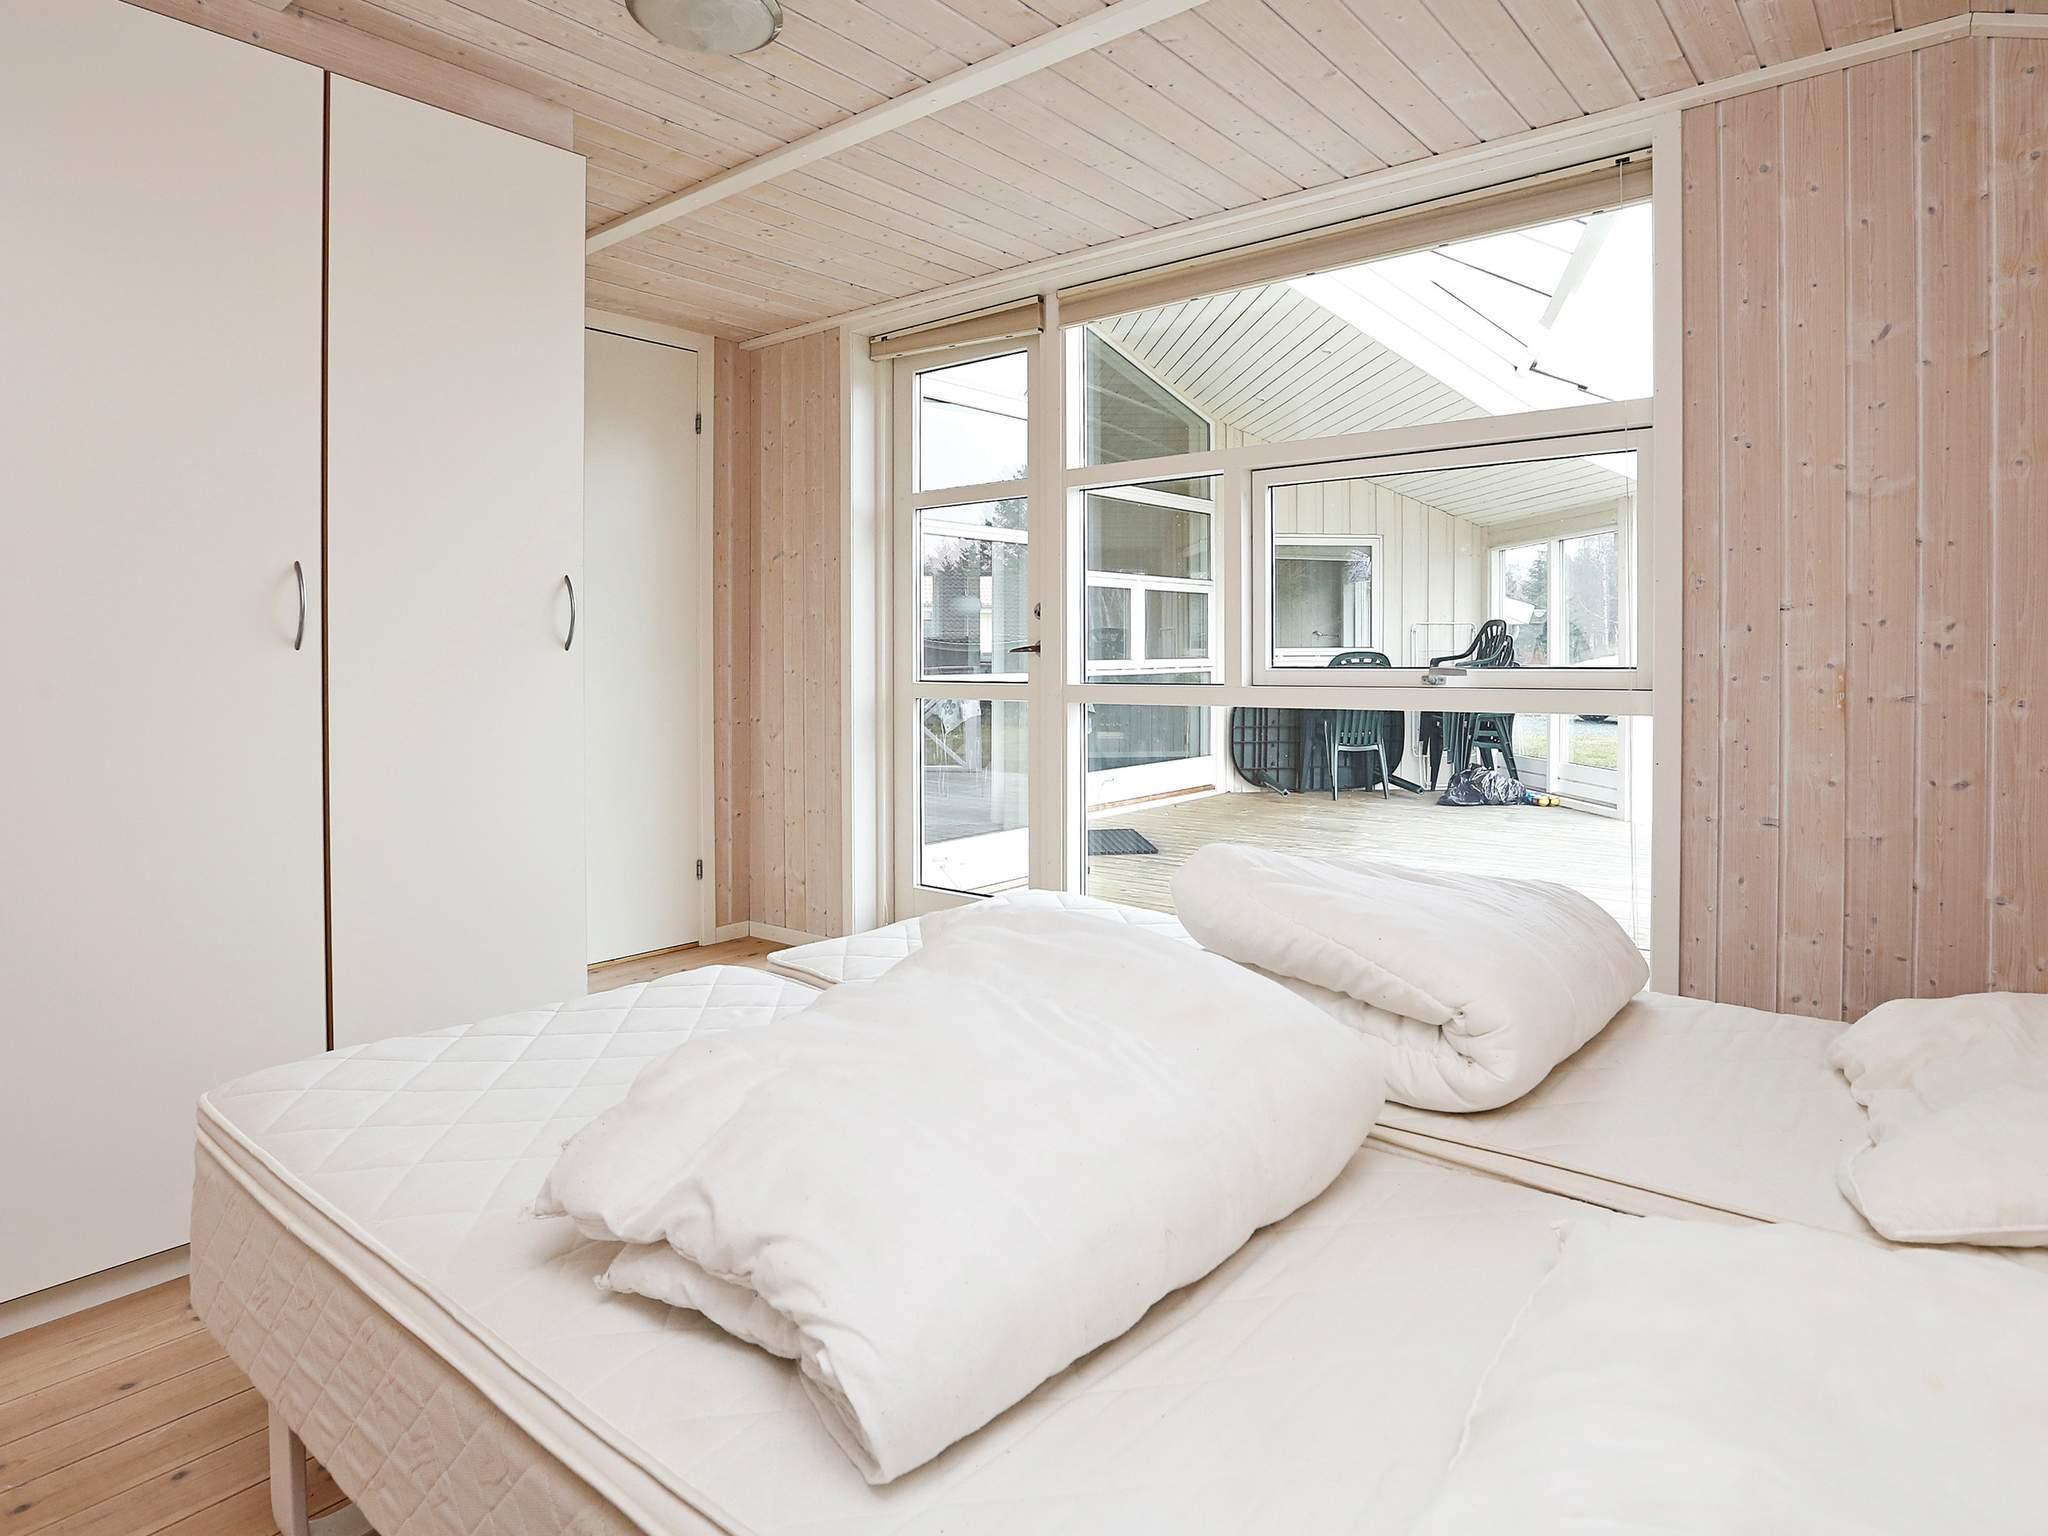 Ferienhaus Udsholt Strand (135446), Gilleleje, , Nordseeland, Dänemark, Bild 10